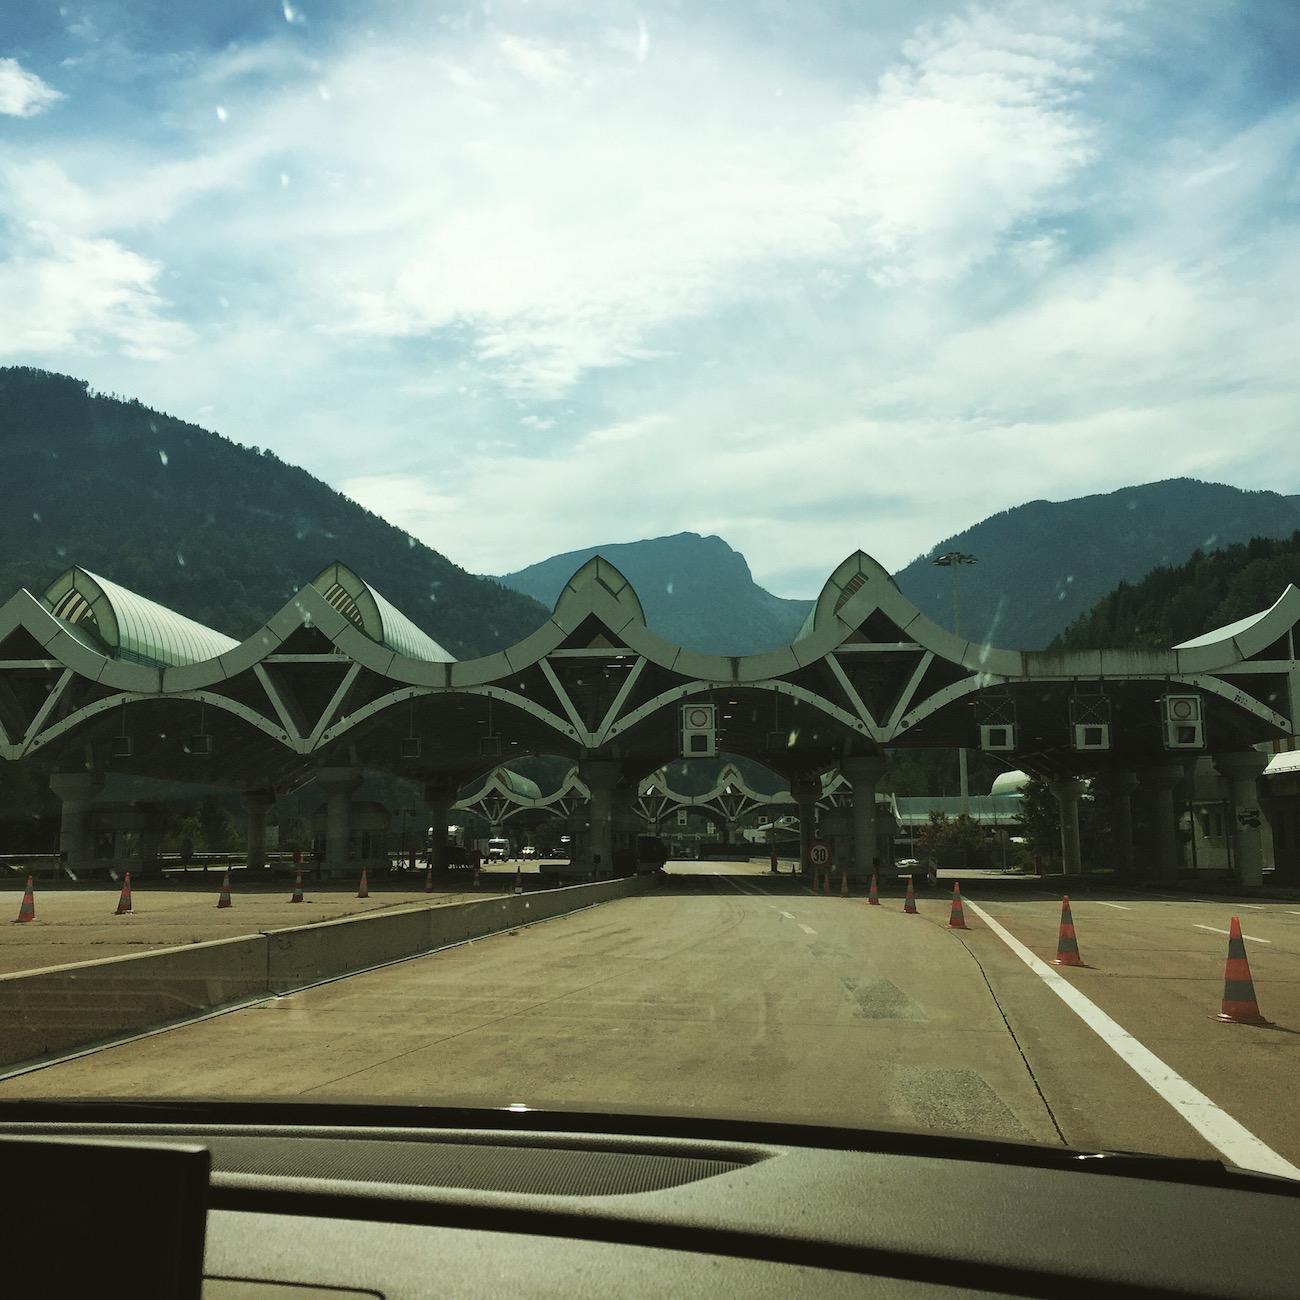 Mit dem Auto nach Kroatien fahren: Grenze zwischen Österreich und Slowenien